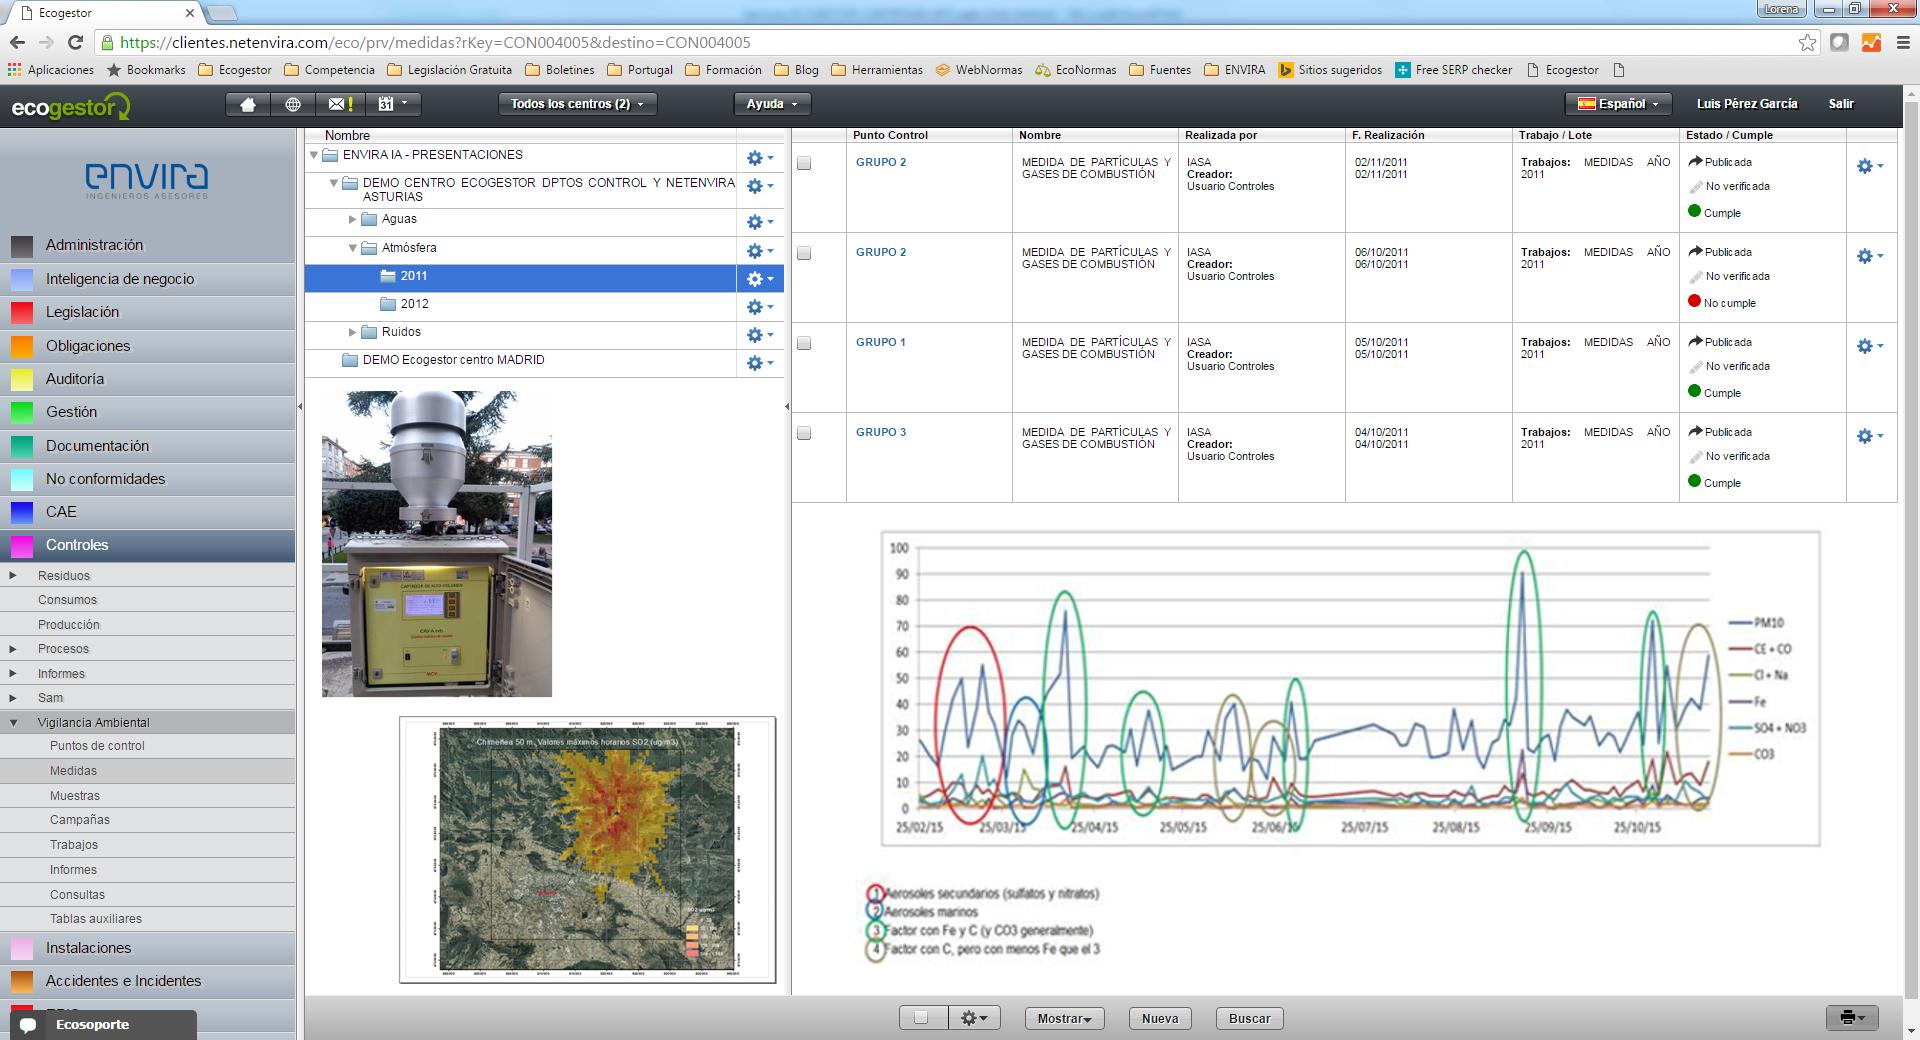 ENVIRA Ingenieros Asesores amplia sus habilitaciones para trabajar en materia de control ambiental